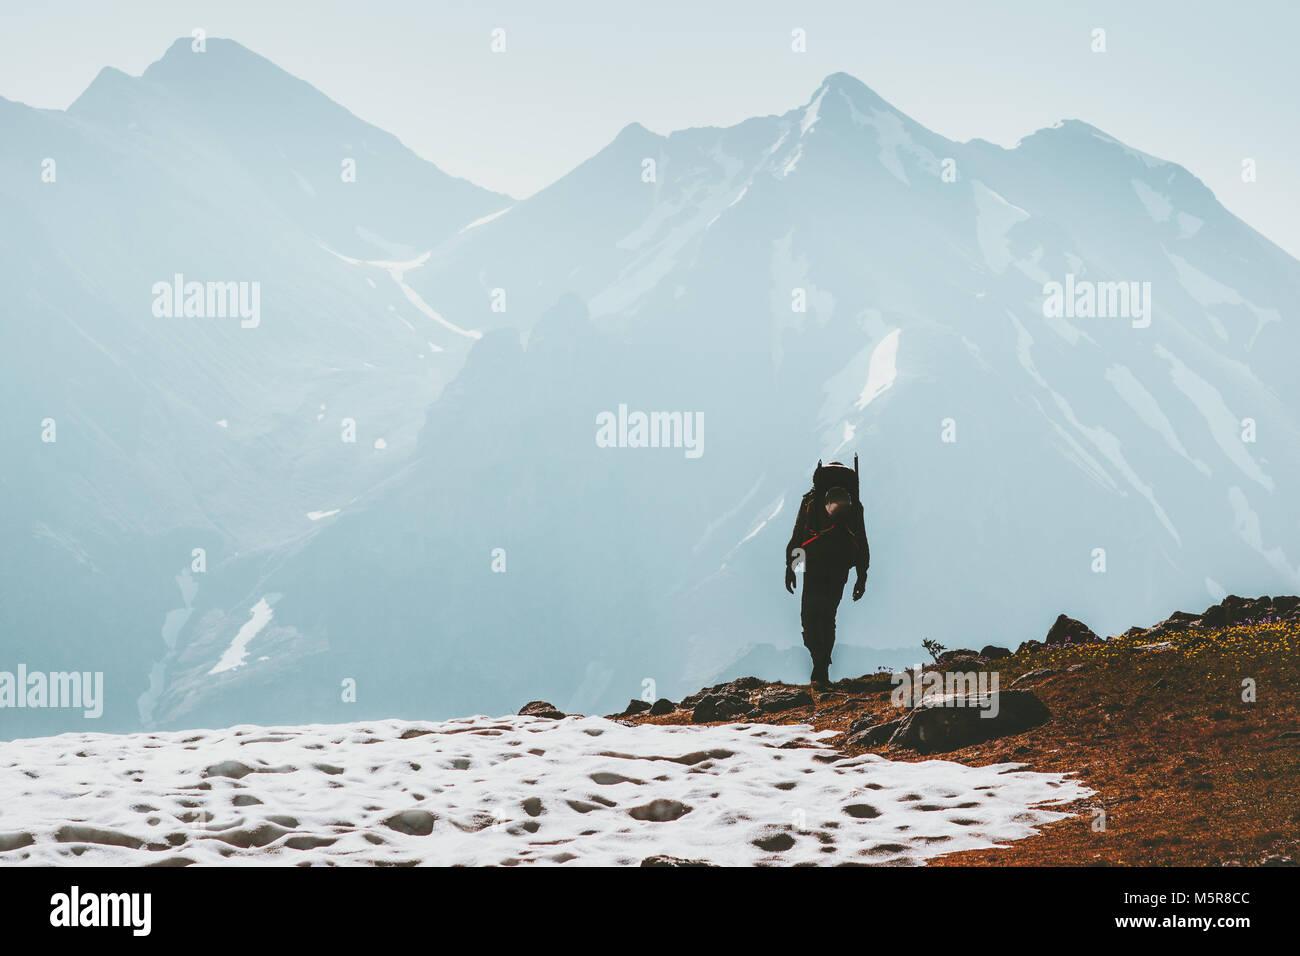 Hombre viajero senderismo en las montañas de estilo de vida concepto de supervivencia de viaje vacaciones activas Imagen De Stock